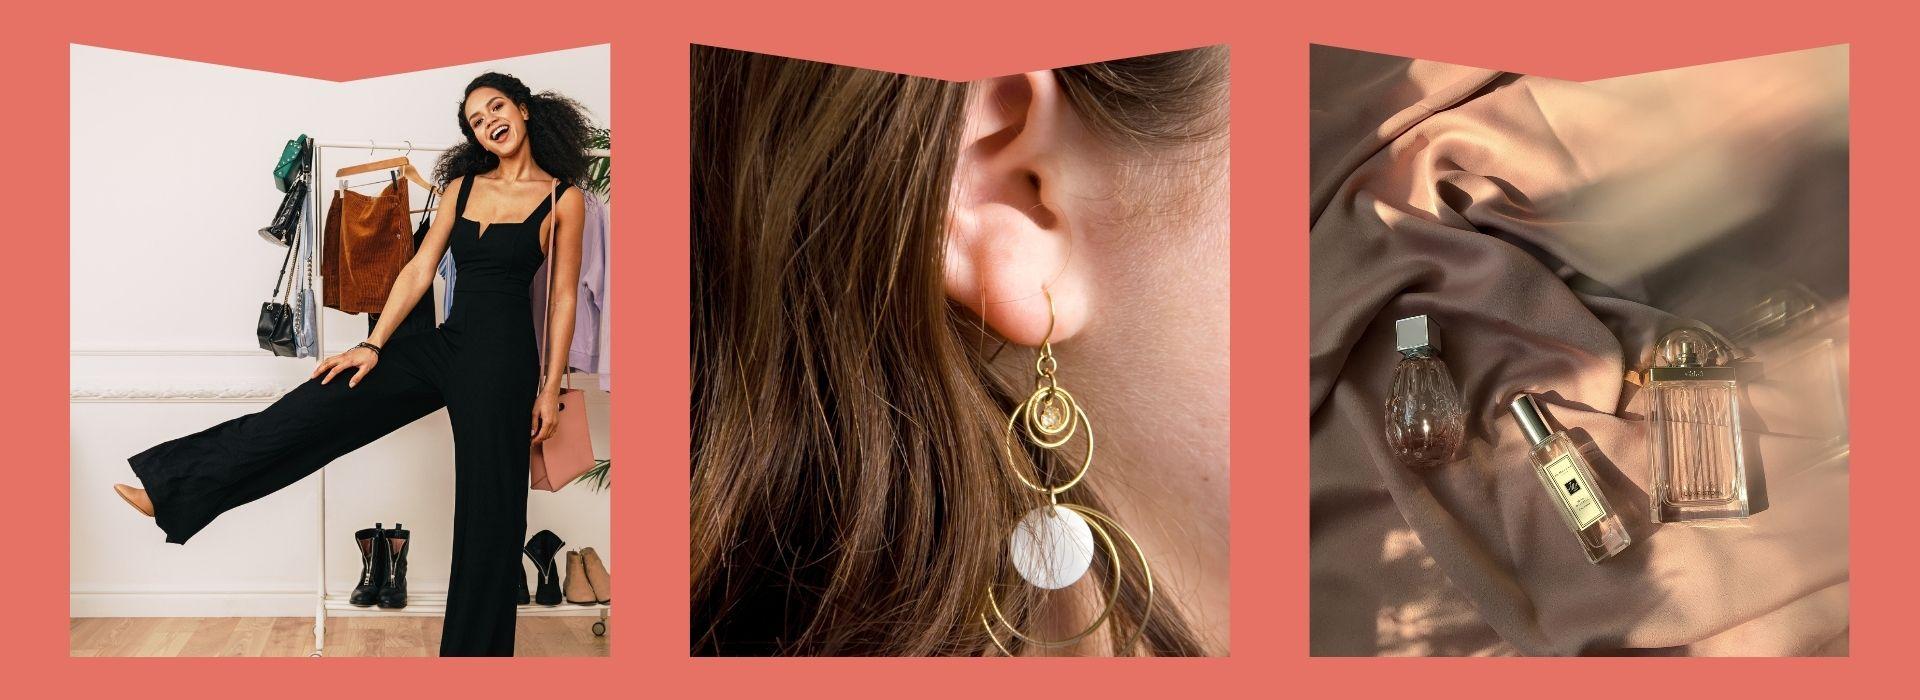 Rompers, earrings, perfume